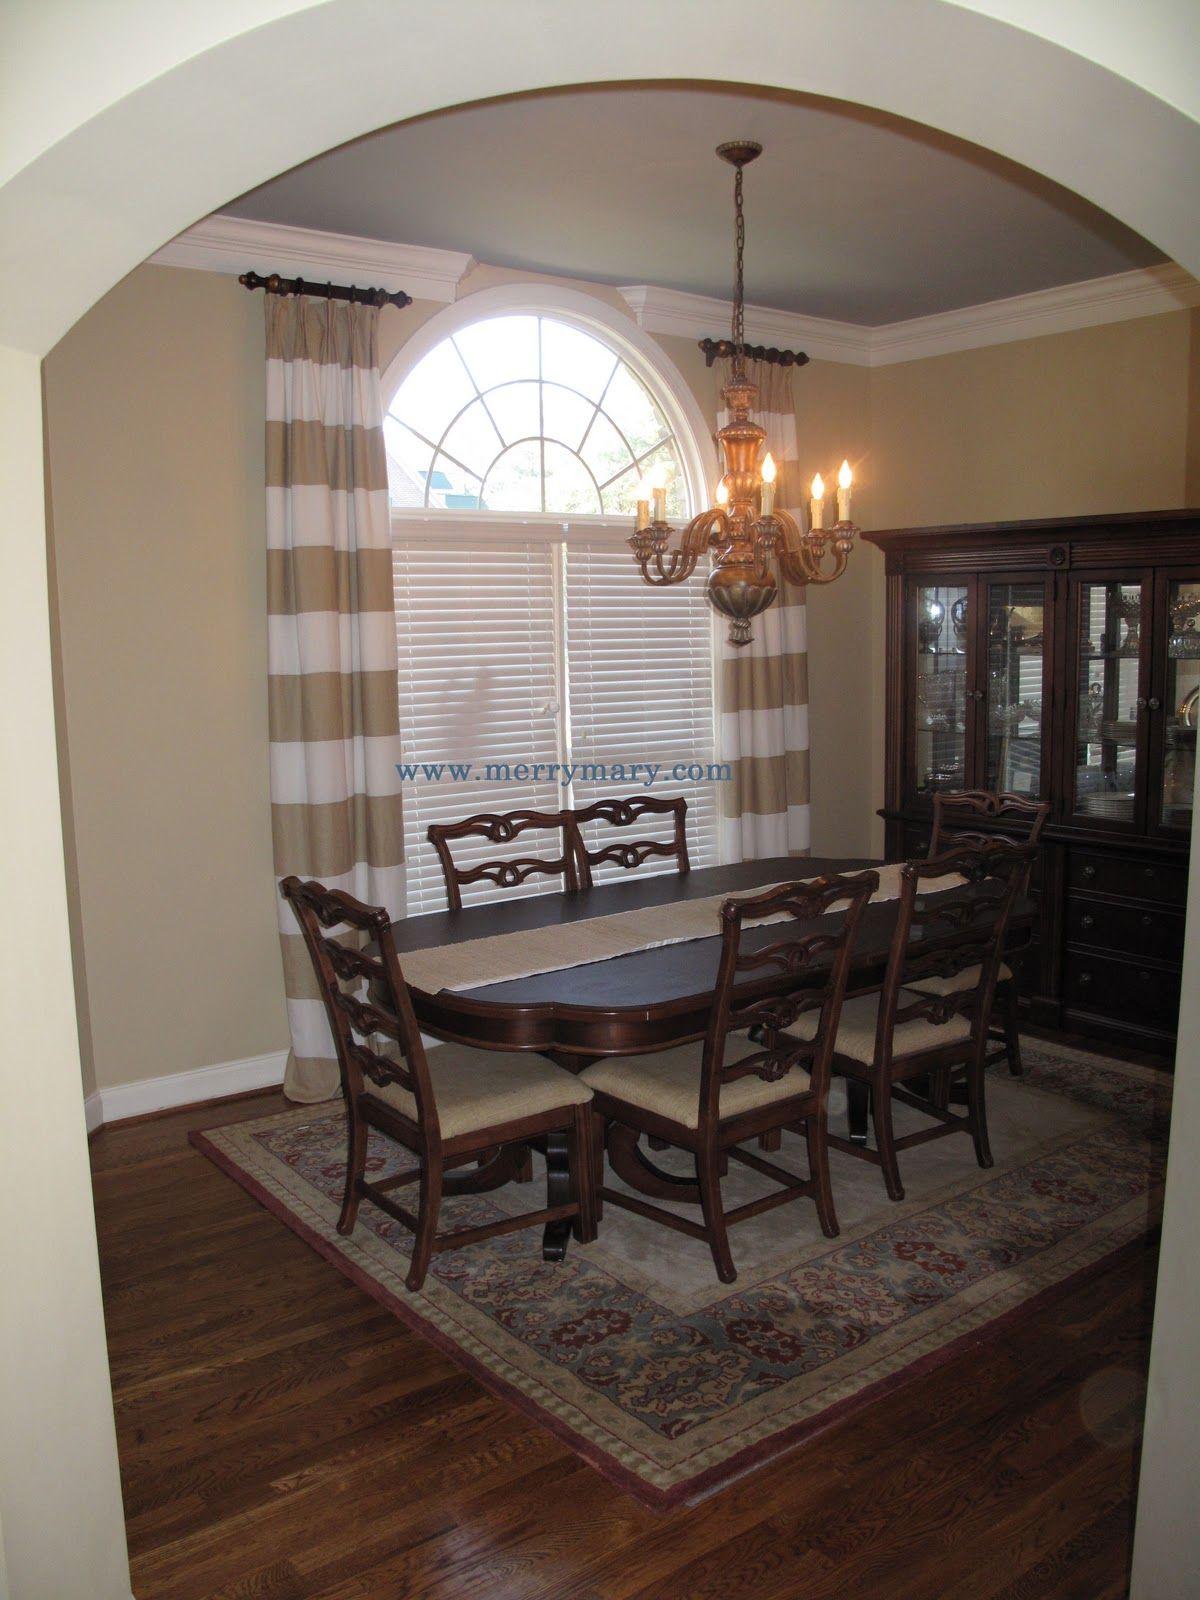 Ideas U0026 Tips: Inspiring Horizontal Striped Curtains For Interior Design  Ideas